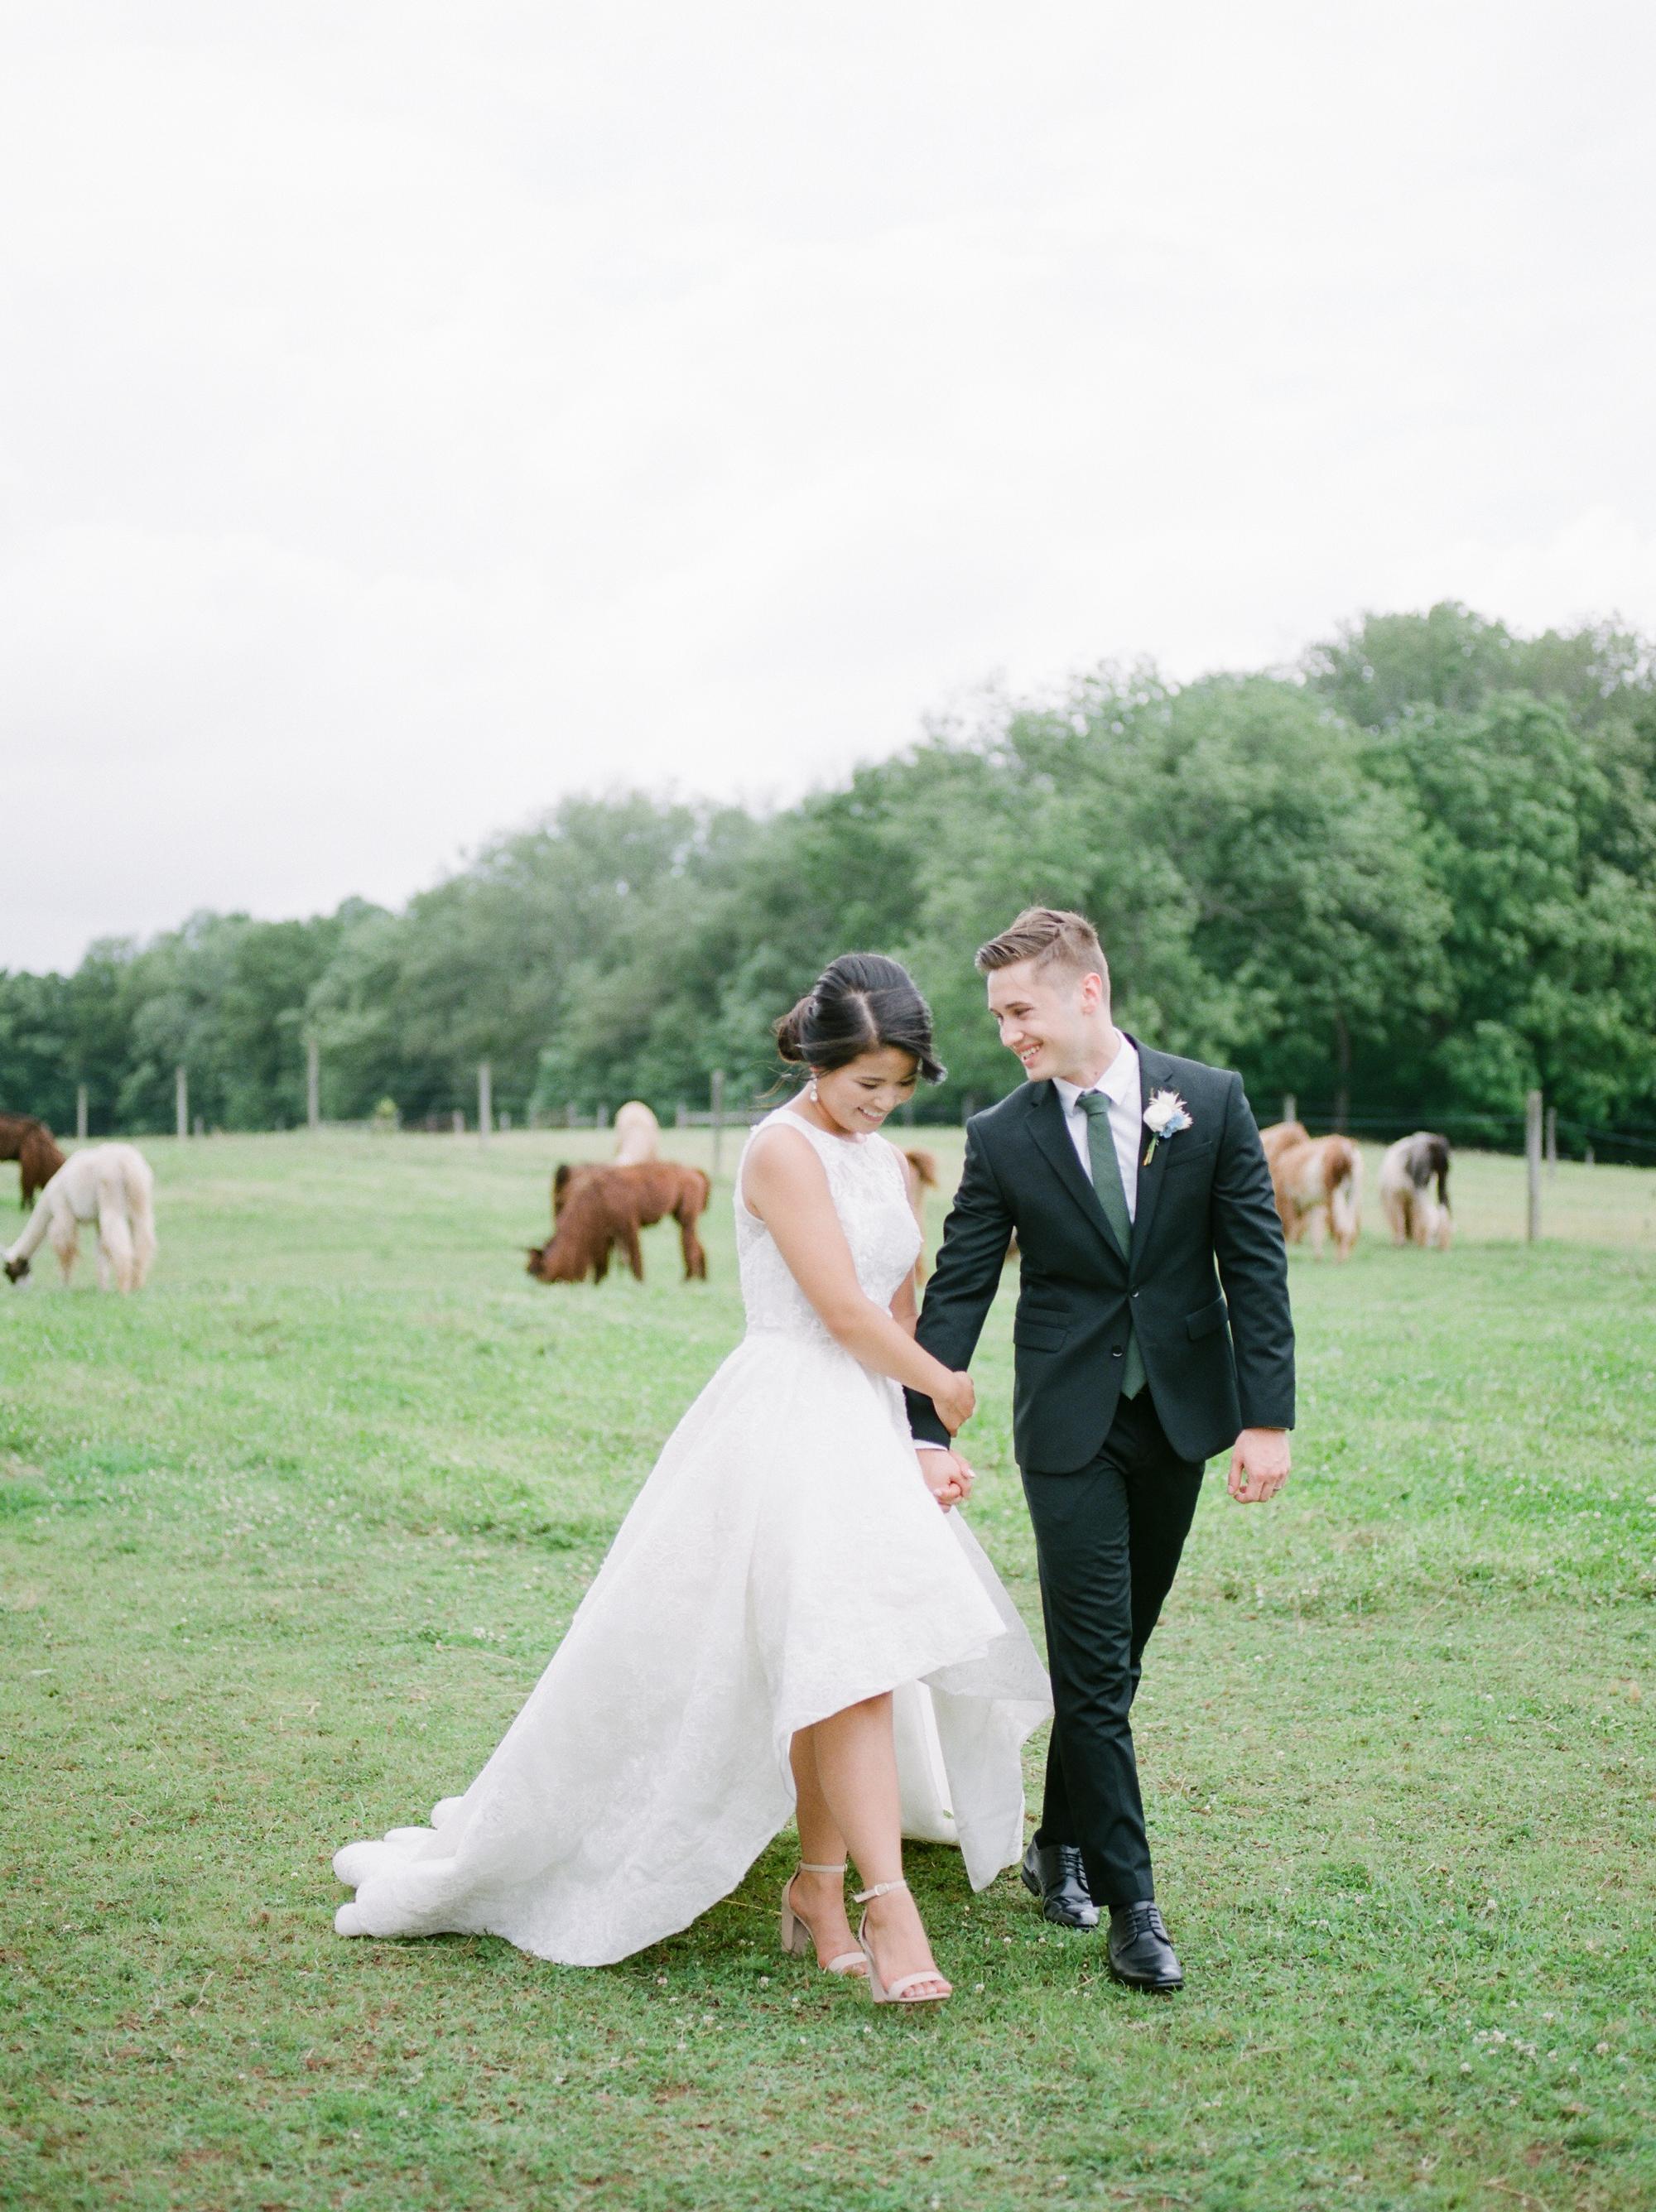 nj_alpaca-farm_wedding_inspiration-49.jpg